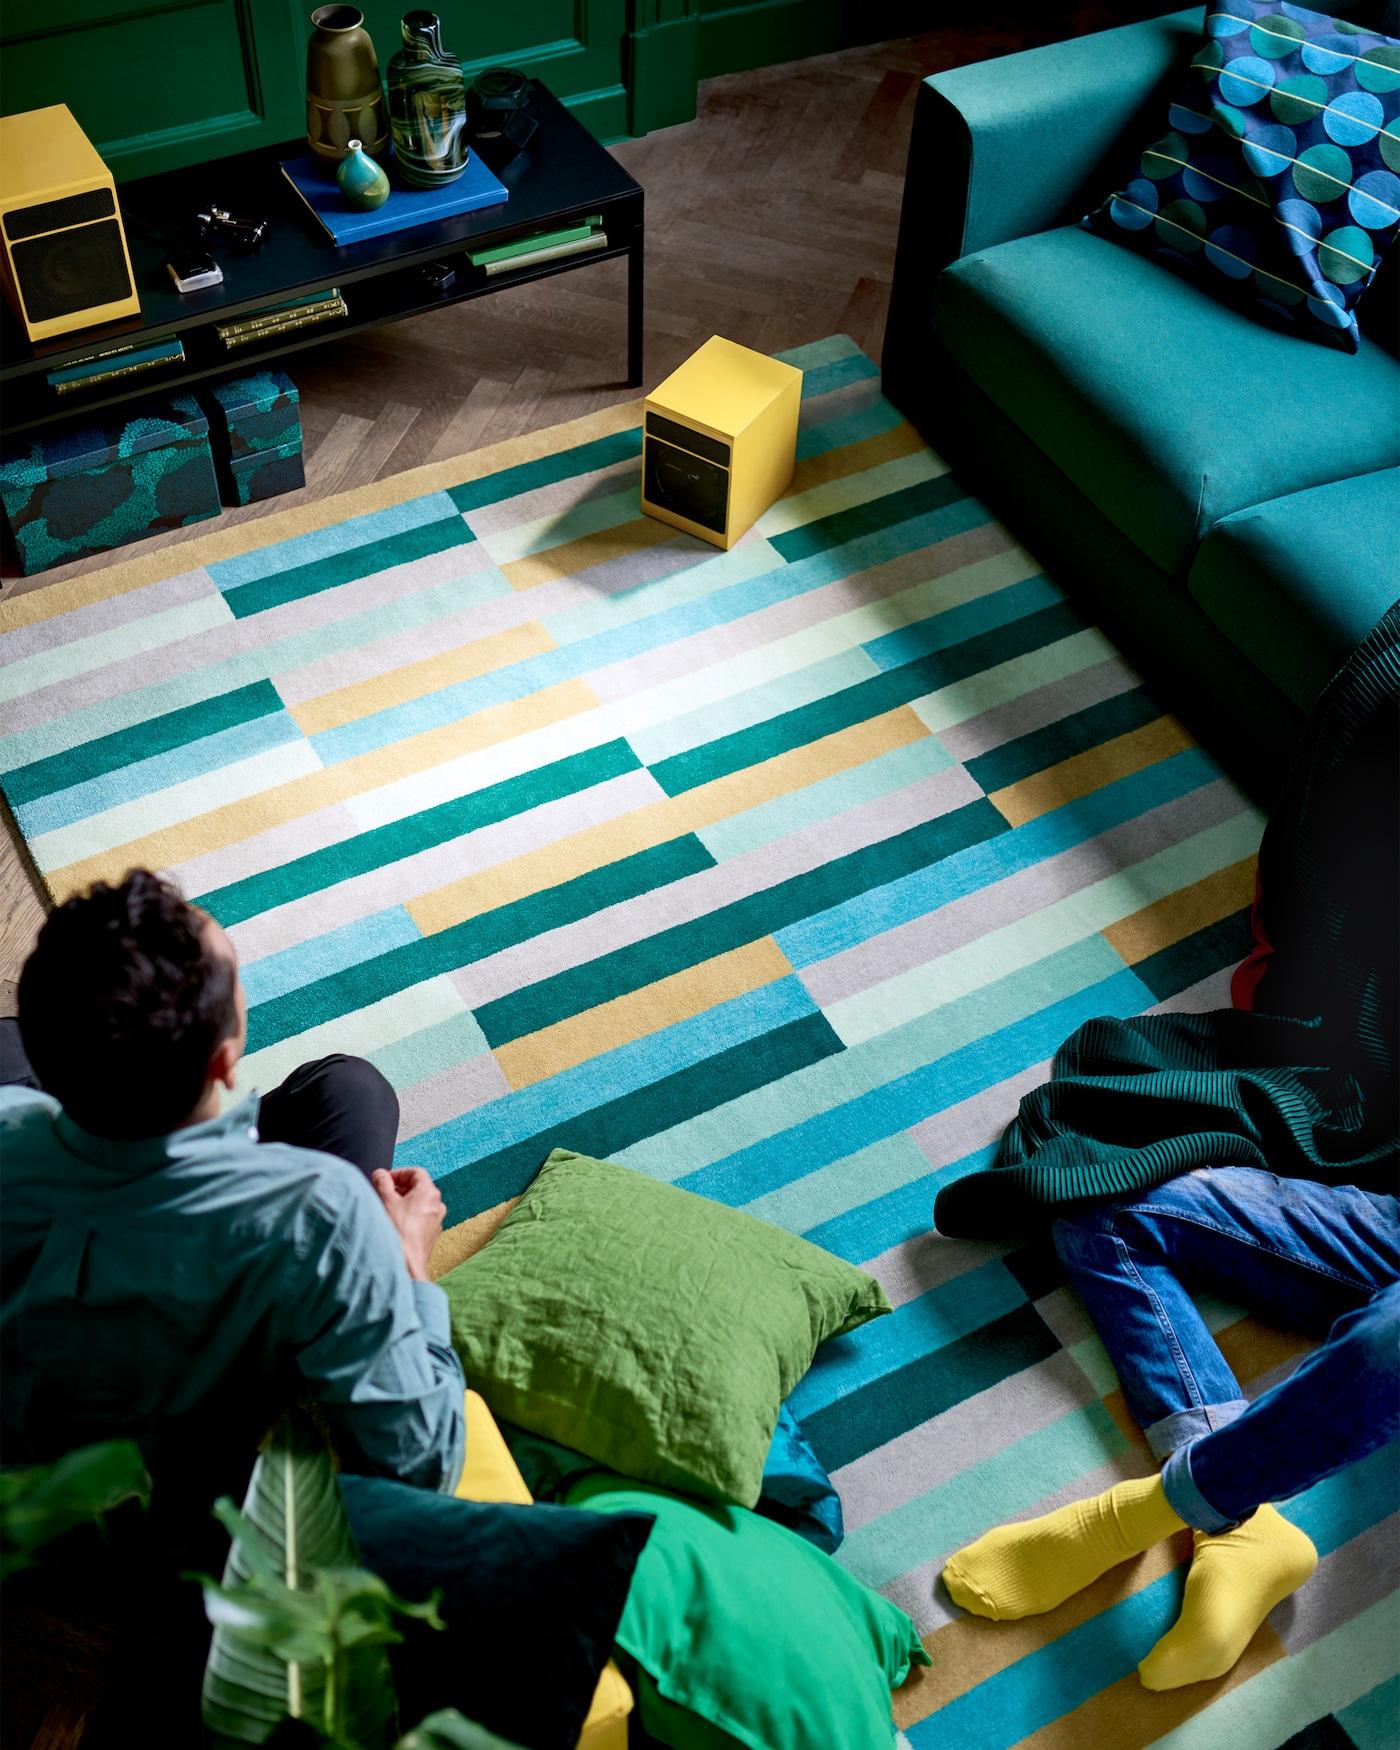 Der IKEA KRÖNGE Teppich wird von erfahrenen Kunsthandwerkern unter guten Arbeitsbedingungen von Hand gewebt. Somit ist jeder Teppich ein echtes Einzelstück. Helle Farben schaffen eine entspannte Atmosphäre, während sich der dichte Flor unter deinen Füßen nicht nur unverschämt bequem anfühlt, sondern auch geräuschdämmend wirkt.